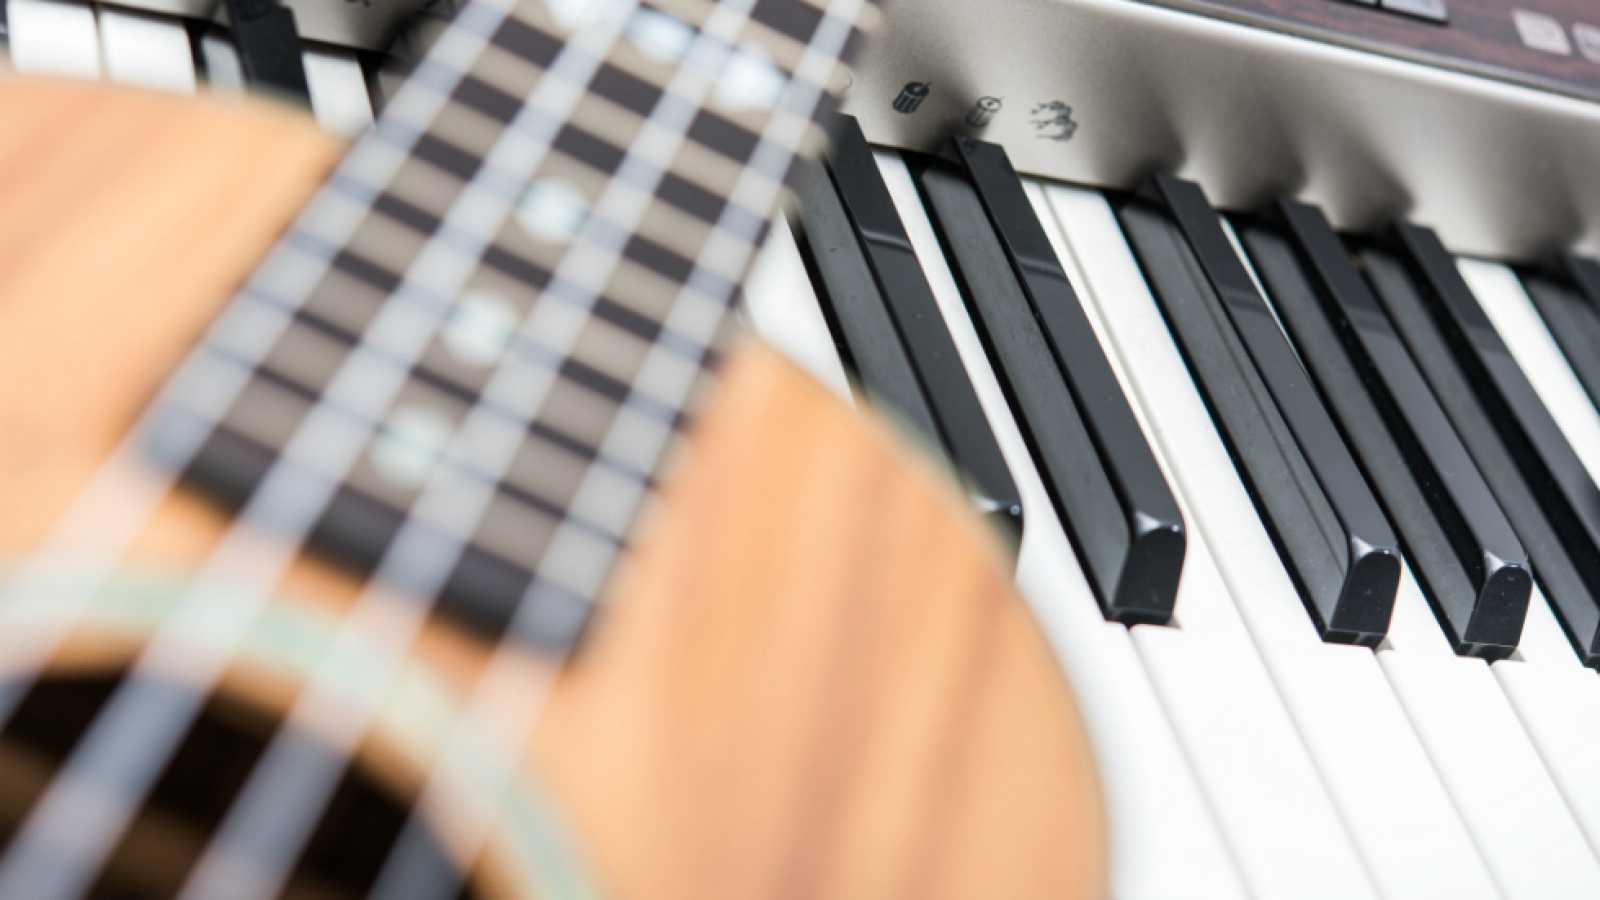 Entre paréntesis - 'Entre paréntesis', Acordes Libres y tú podéis crear una canción - Ver ahora